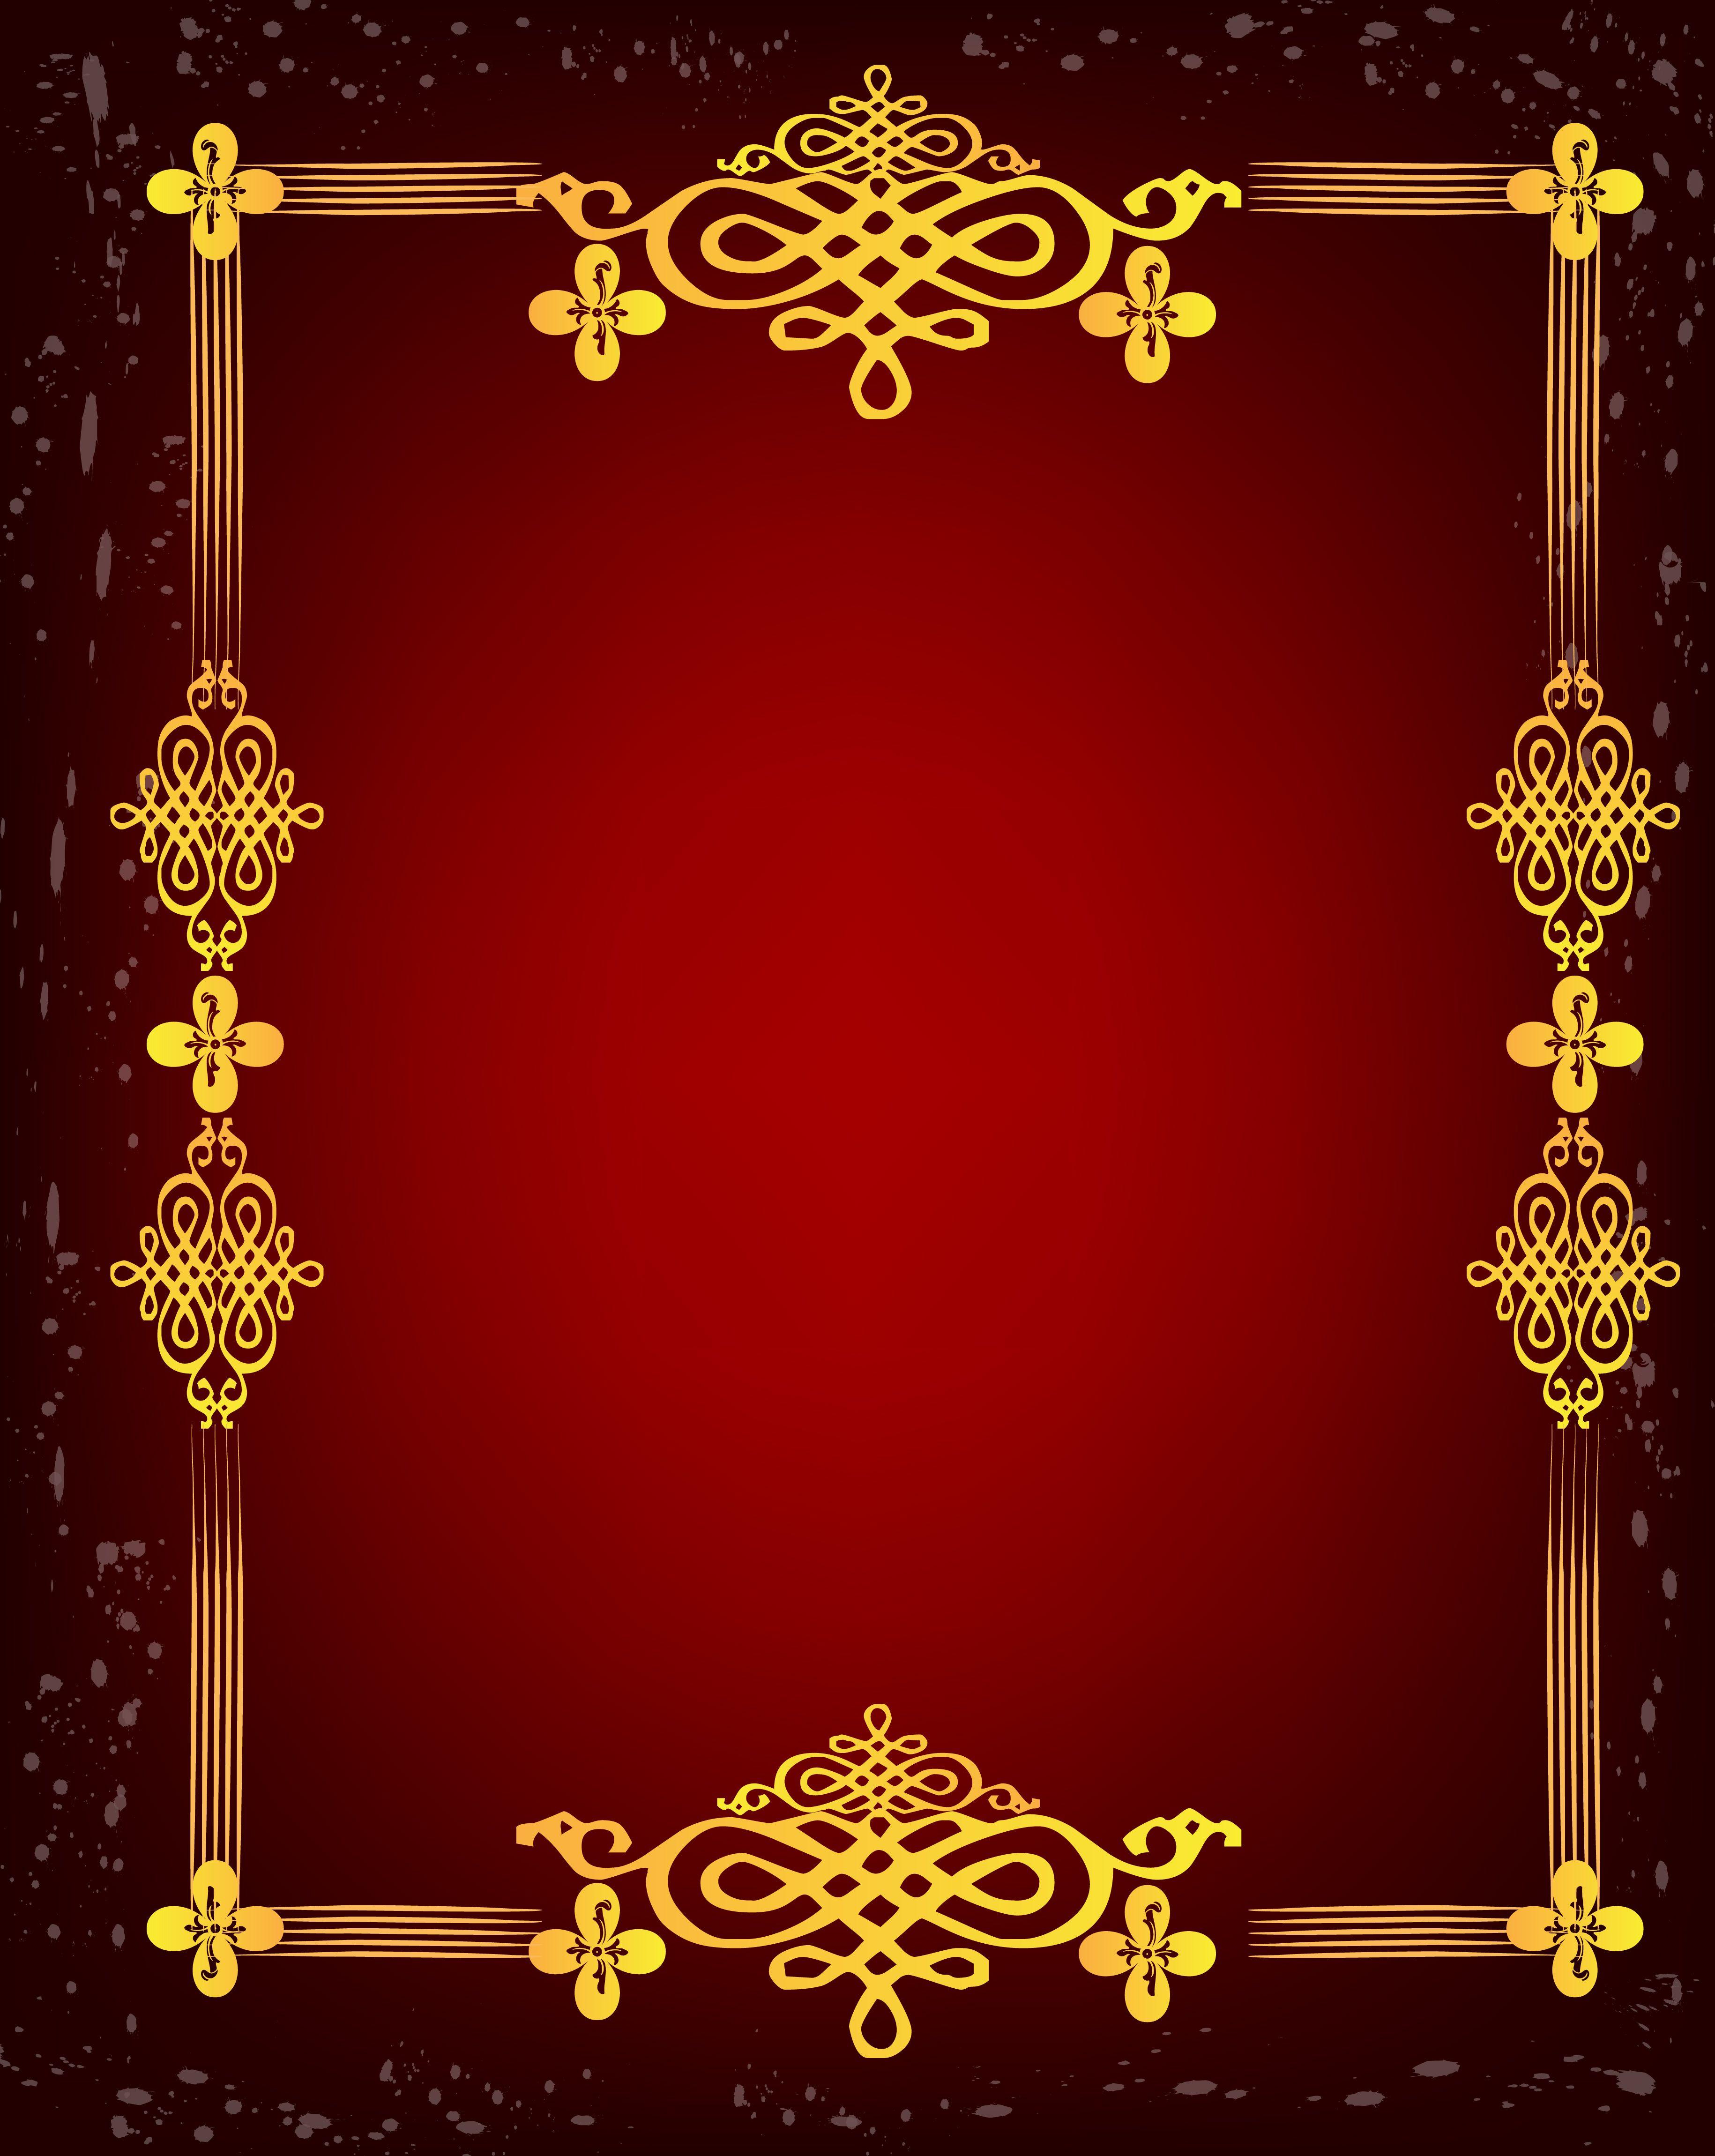 Grafite De Quadro Branco Padrao Ouro Vetor Sobre Fundo Vermelho Criativo In 2020 Banner Background Images Frame Border Design Wedding Background Images